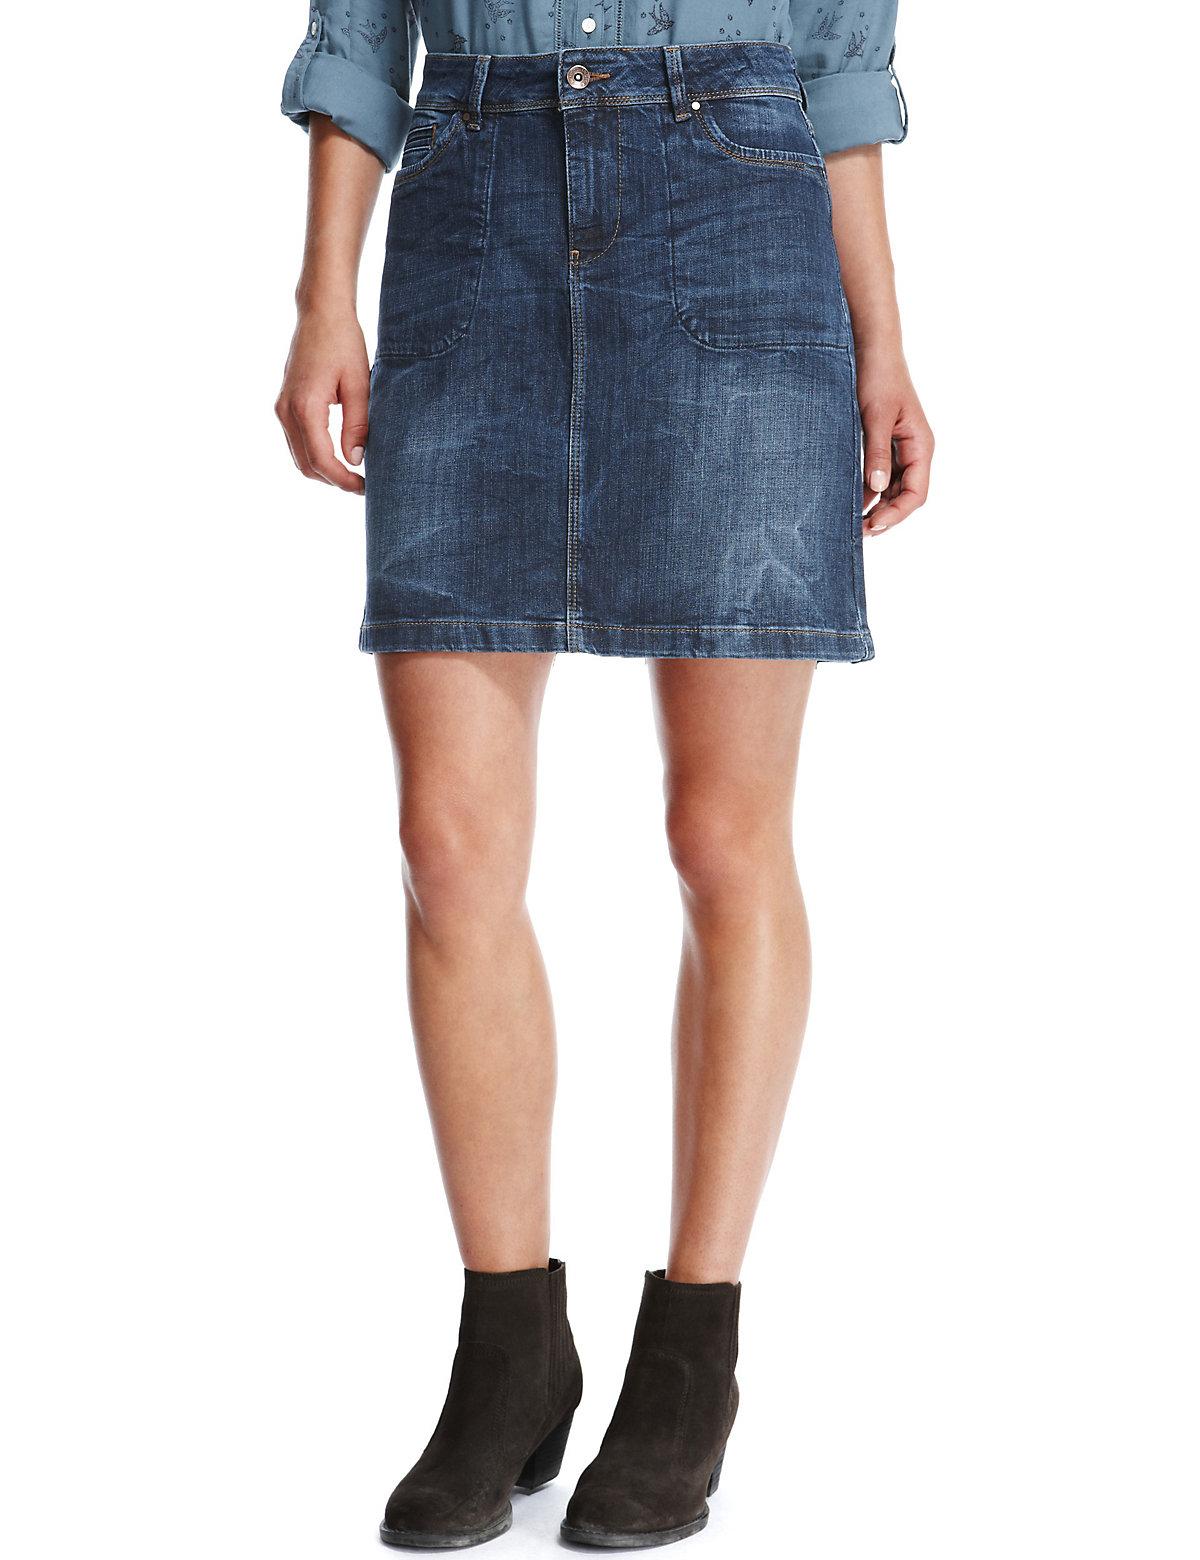 5147b80e76 Marks and Spencer - - M&5 INDIGO Cotton Rich Denim Skirt - Size 8 to 14